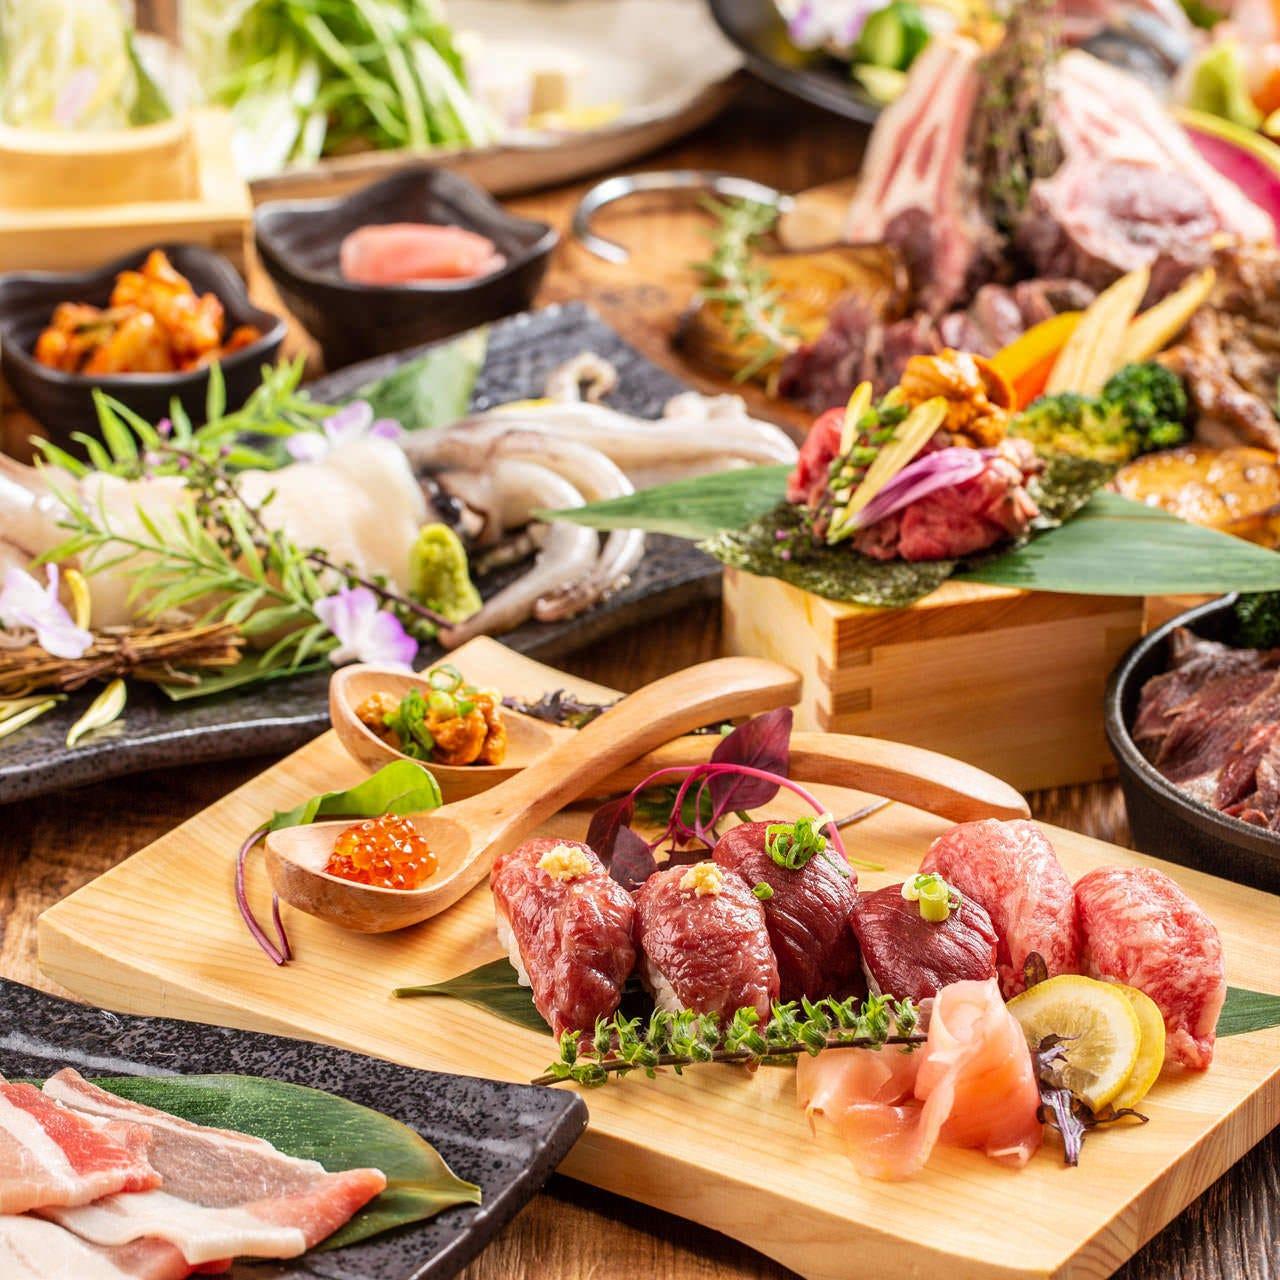 【最高級を食す。極みコース】贅沢!まぐろのレアステーキや和牛の炙り寿司 3時間飲み放題付 全9品 5000円